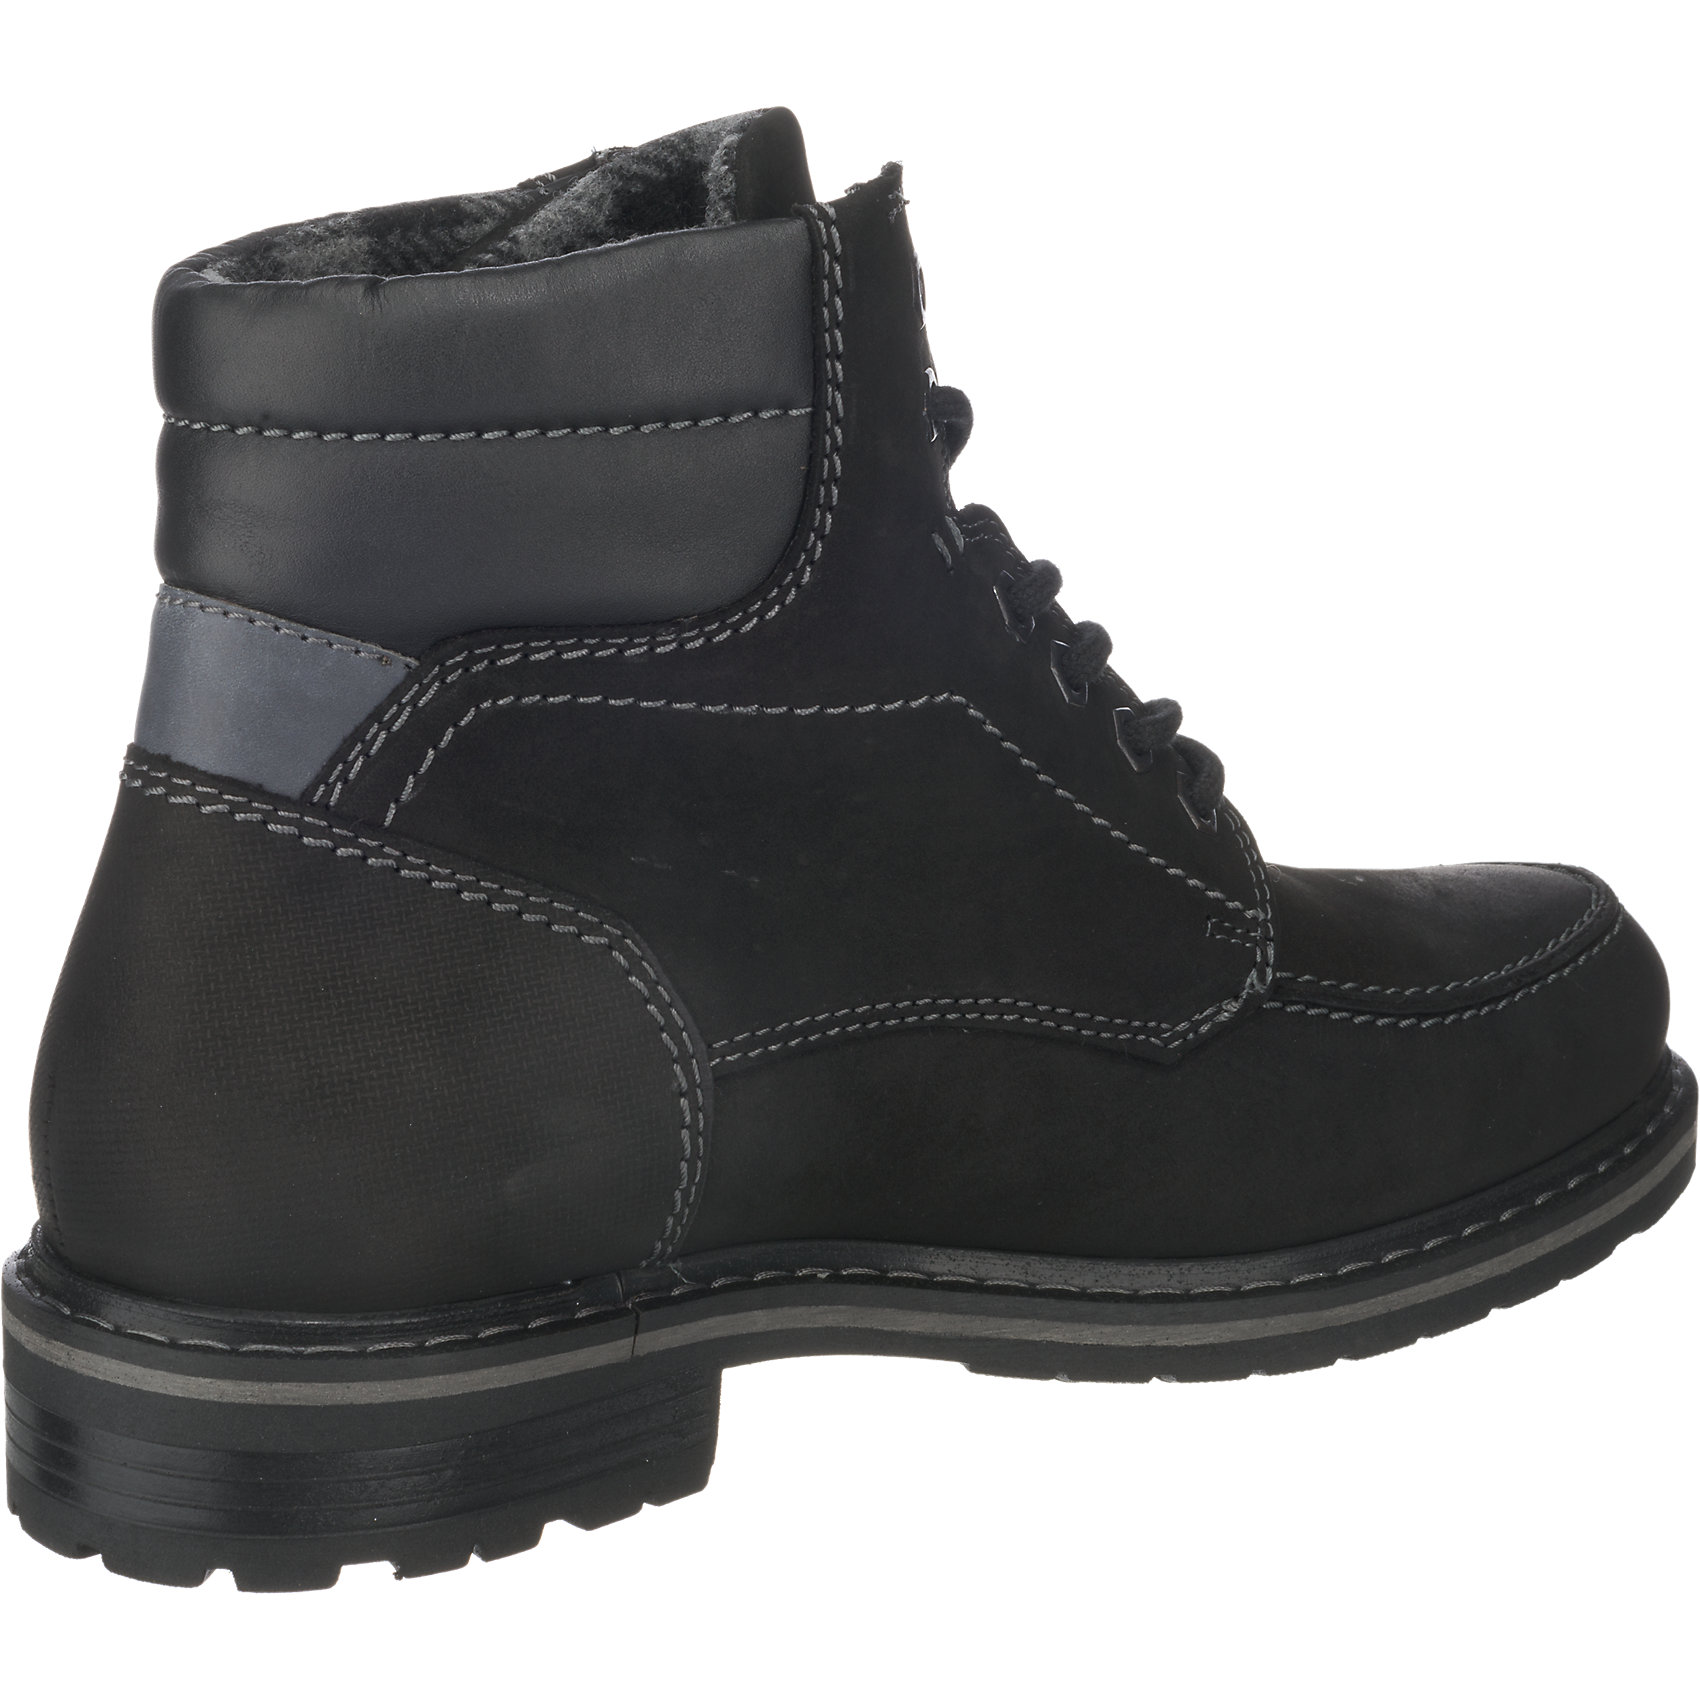 Neu Stiefeletten FRETZ men Scooter Stiefel & Stiefeletten Neu 5778953 für Herren schwarz 5b69bd